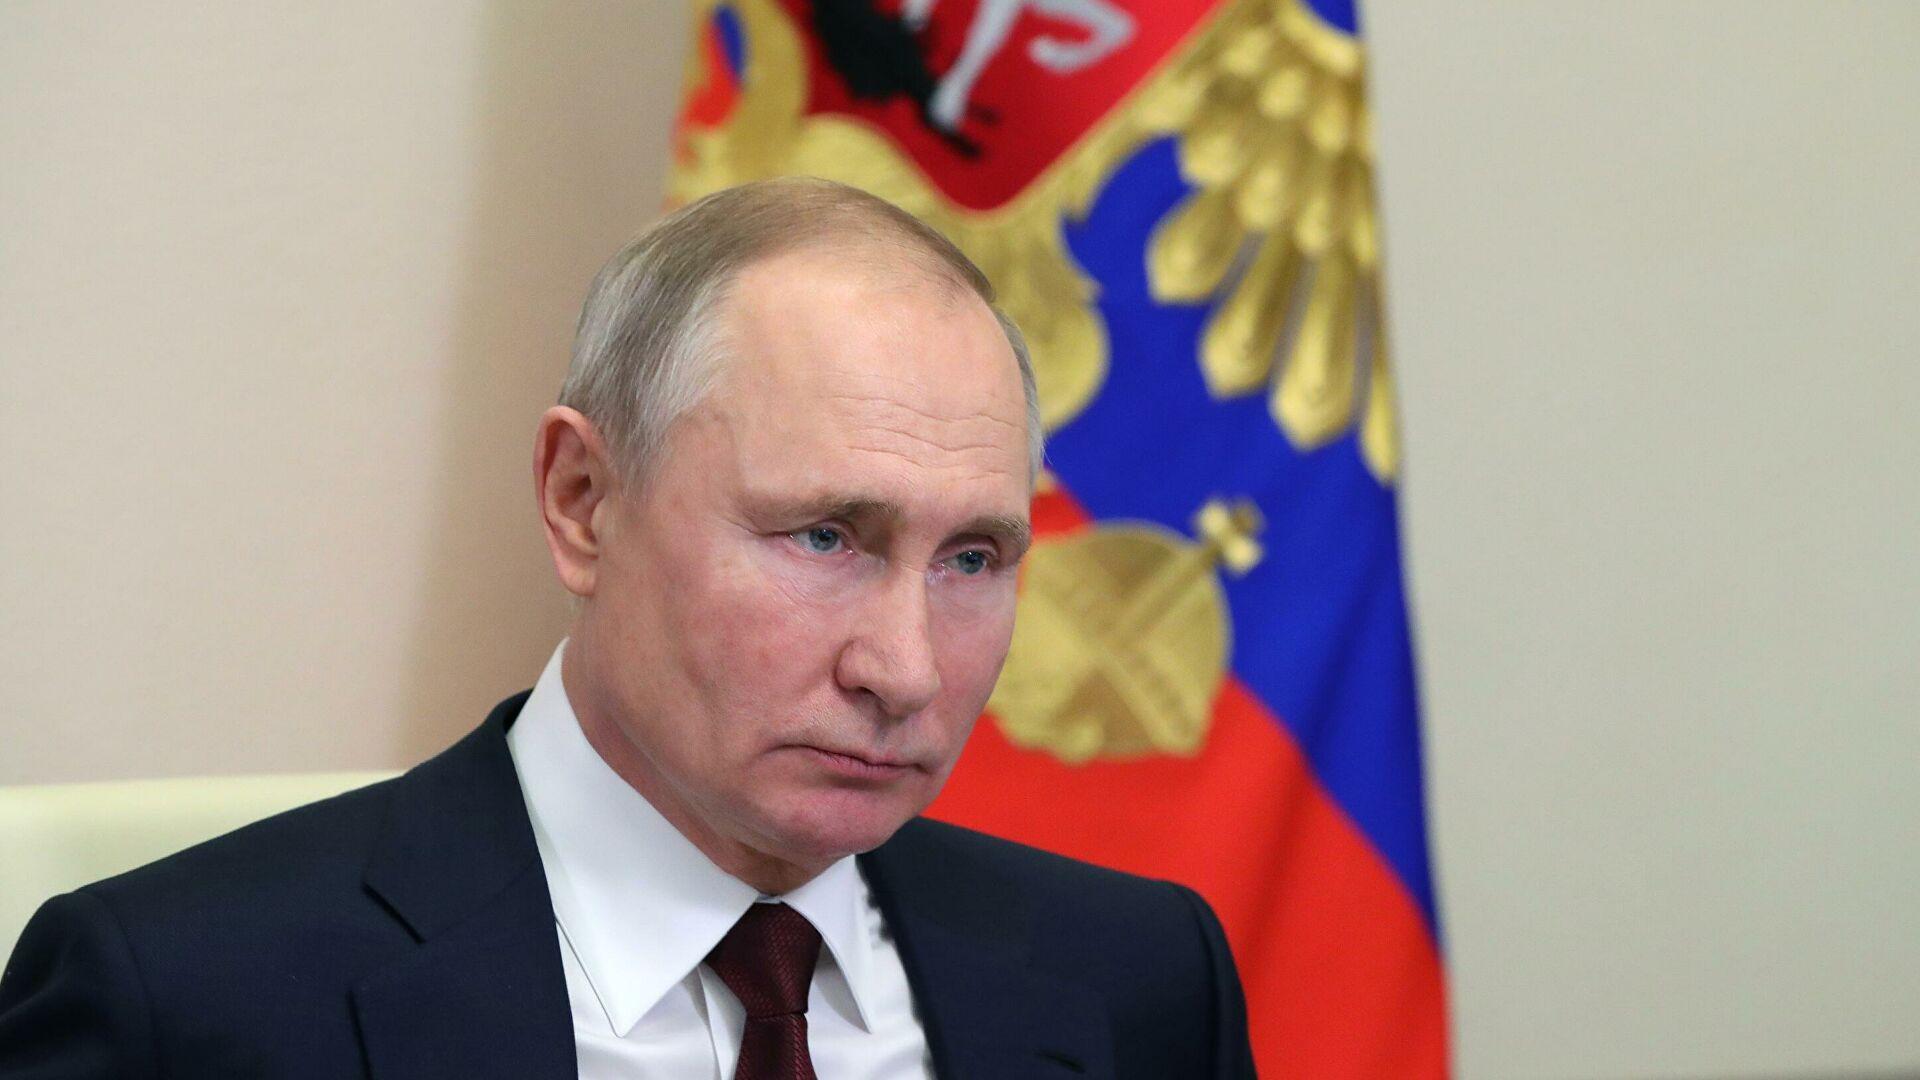 Путин: Против нас се води циљана информативна кампања са оштрим и неутемељеним оптужбама по бројним питањима